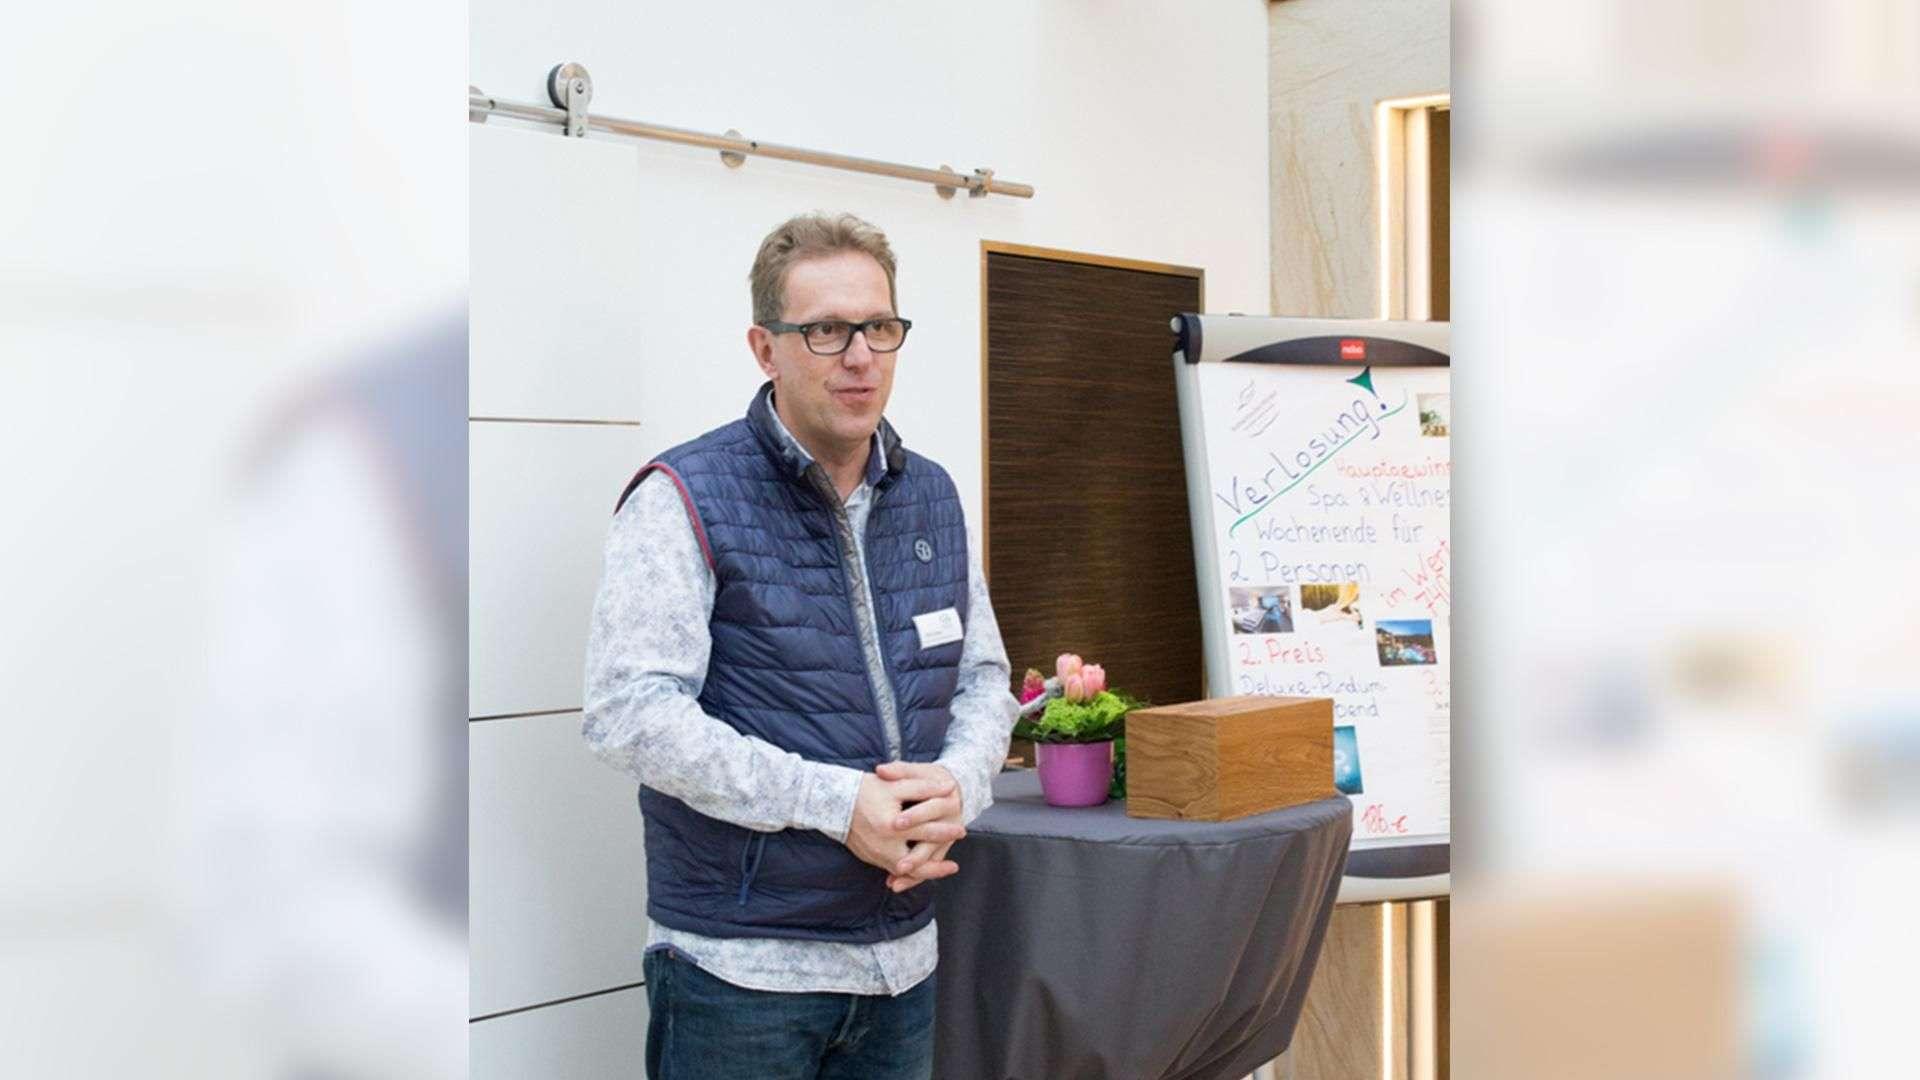 Mann steht neben einem Stehtisch in der Ausstellung der Tischlerei Gleue in Lindwedel